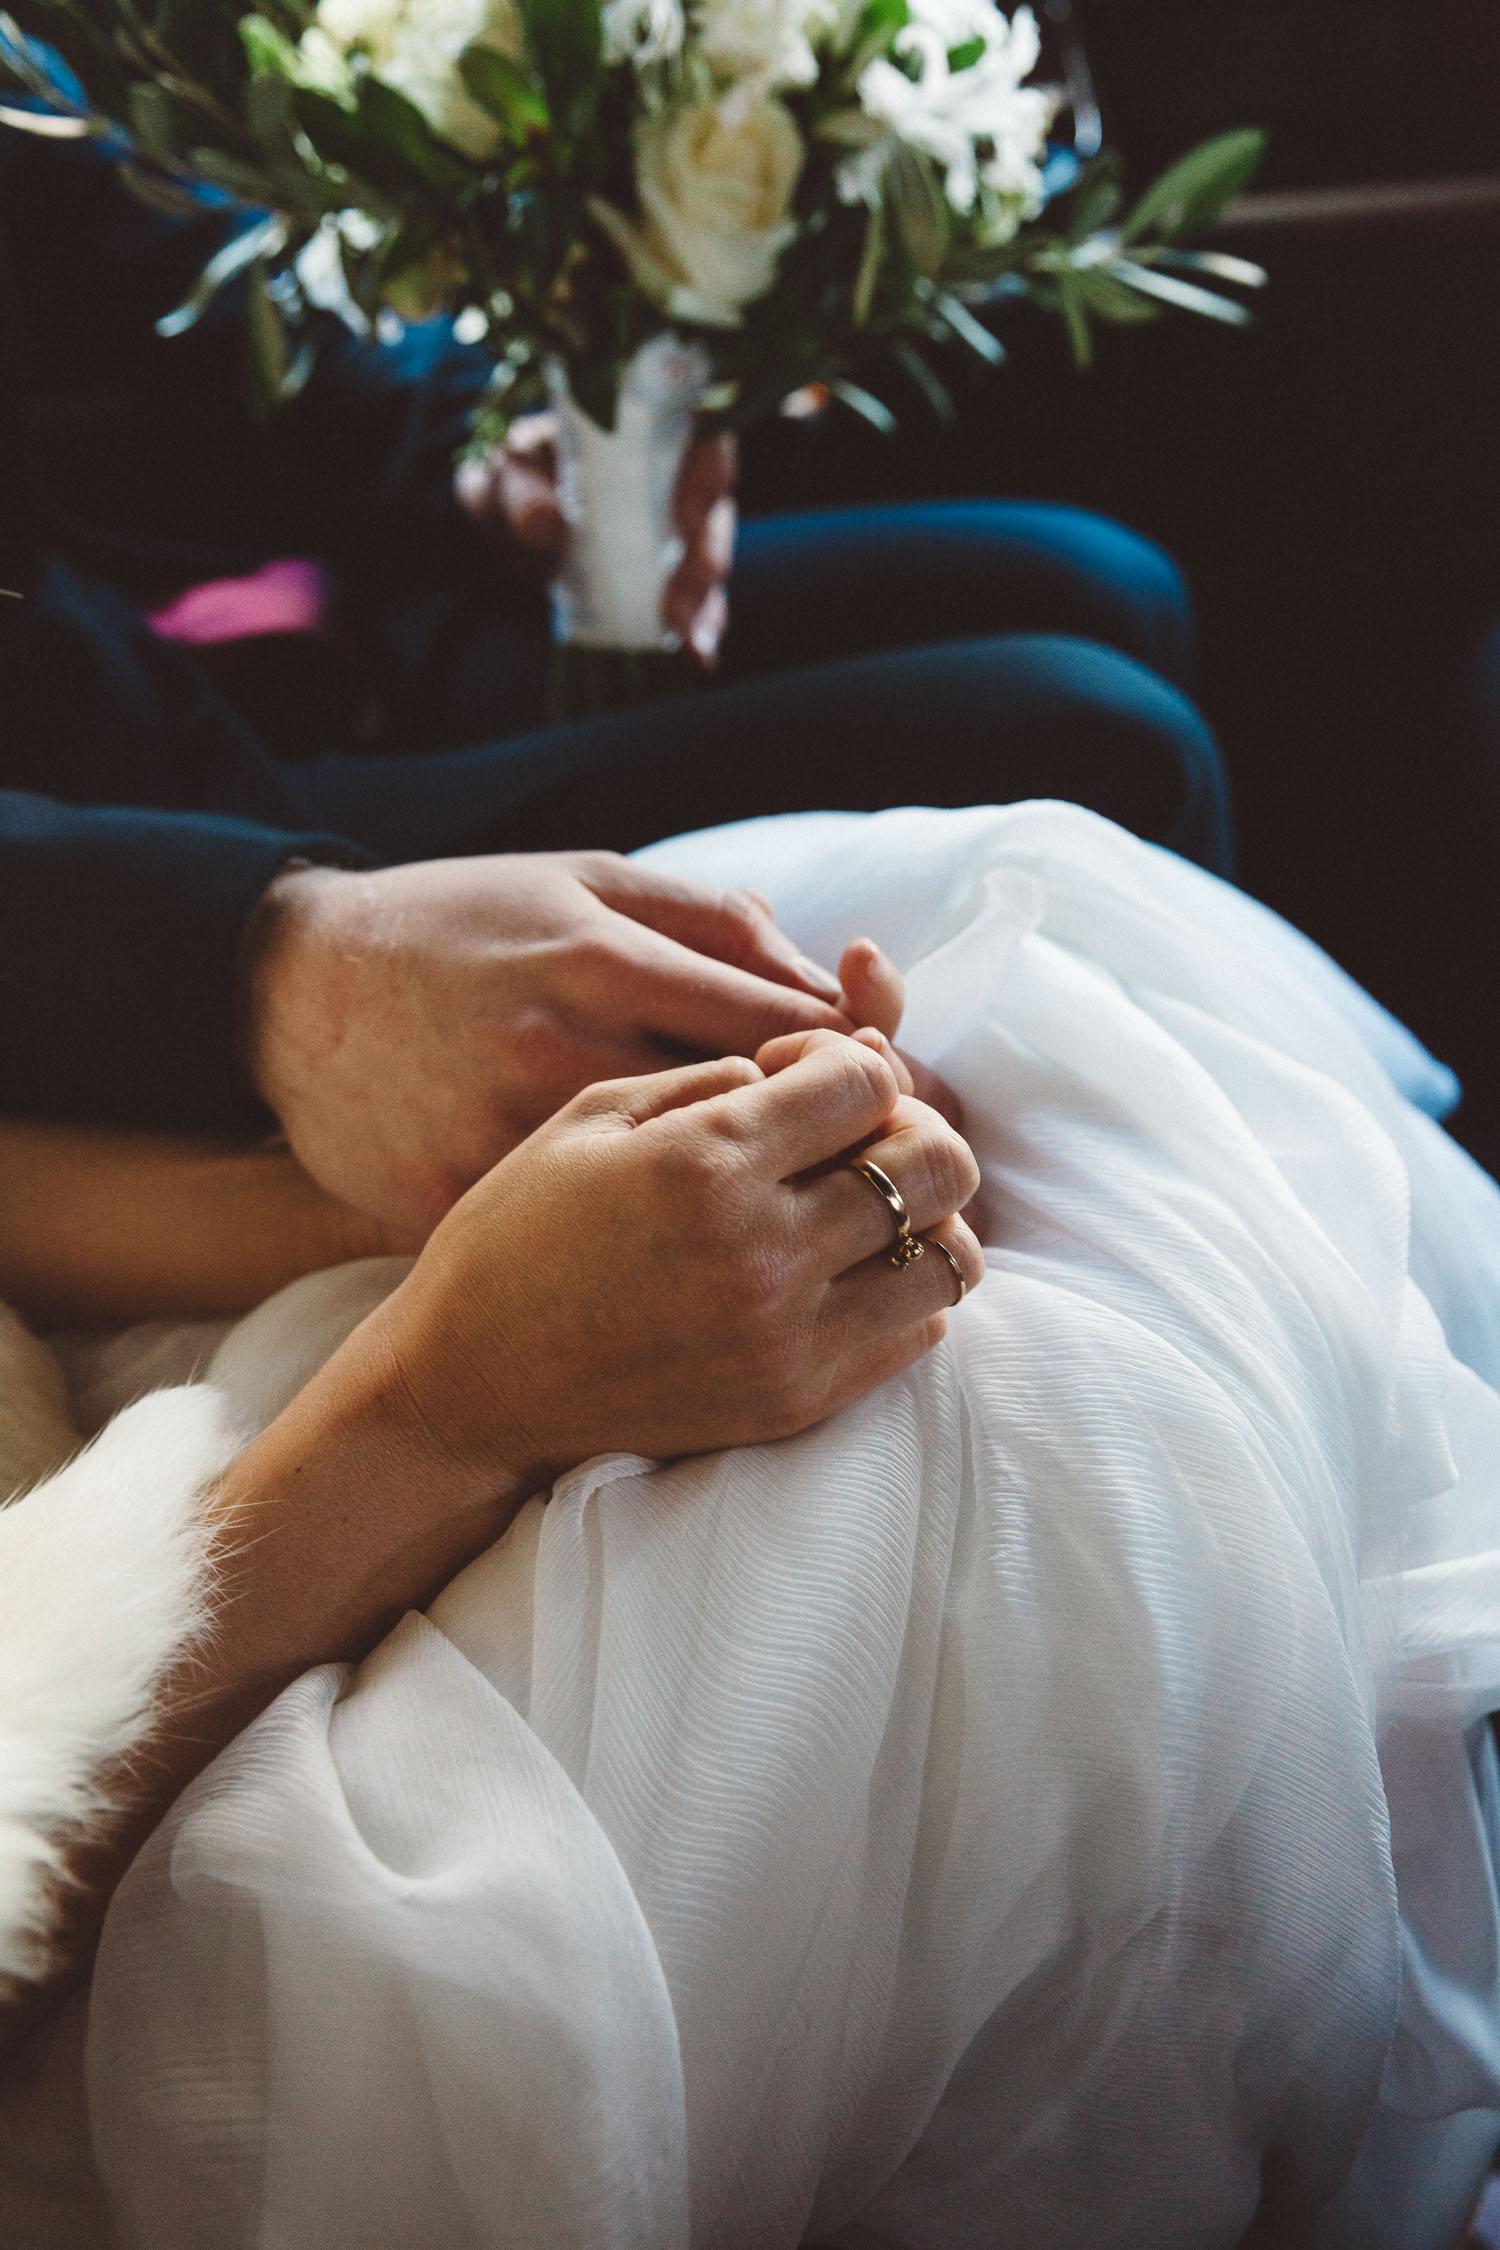 Wedding-huwelijk-trouwen-bruiloft-photography-fotografie-fotograaf-Van-Loon-Museum-by-On-a-hazy-morning-Amsterdam-1.jpg